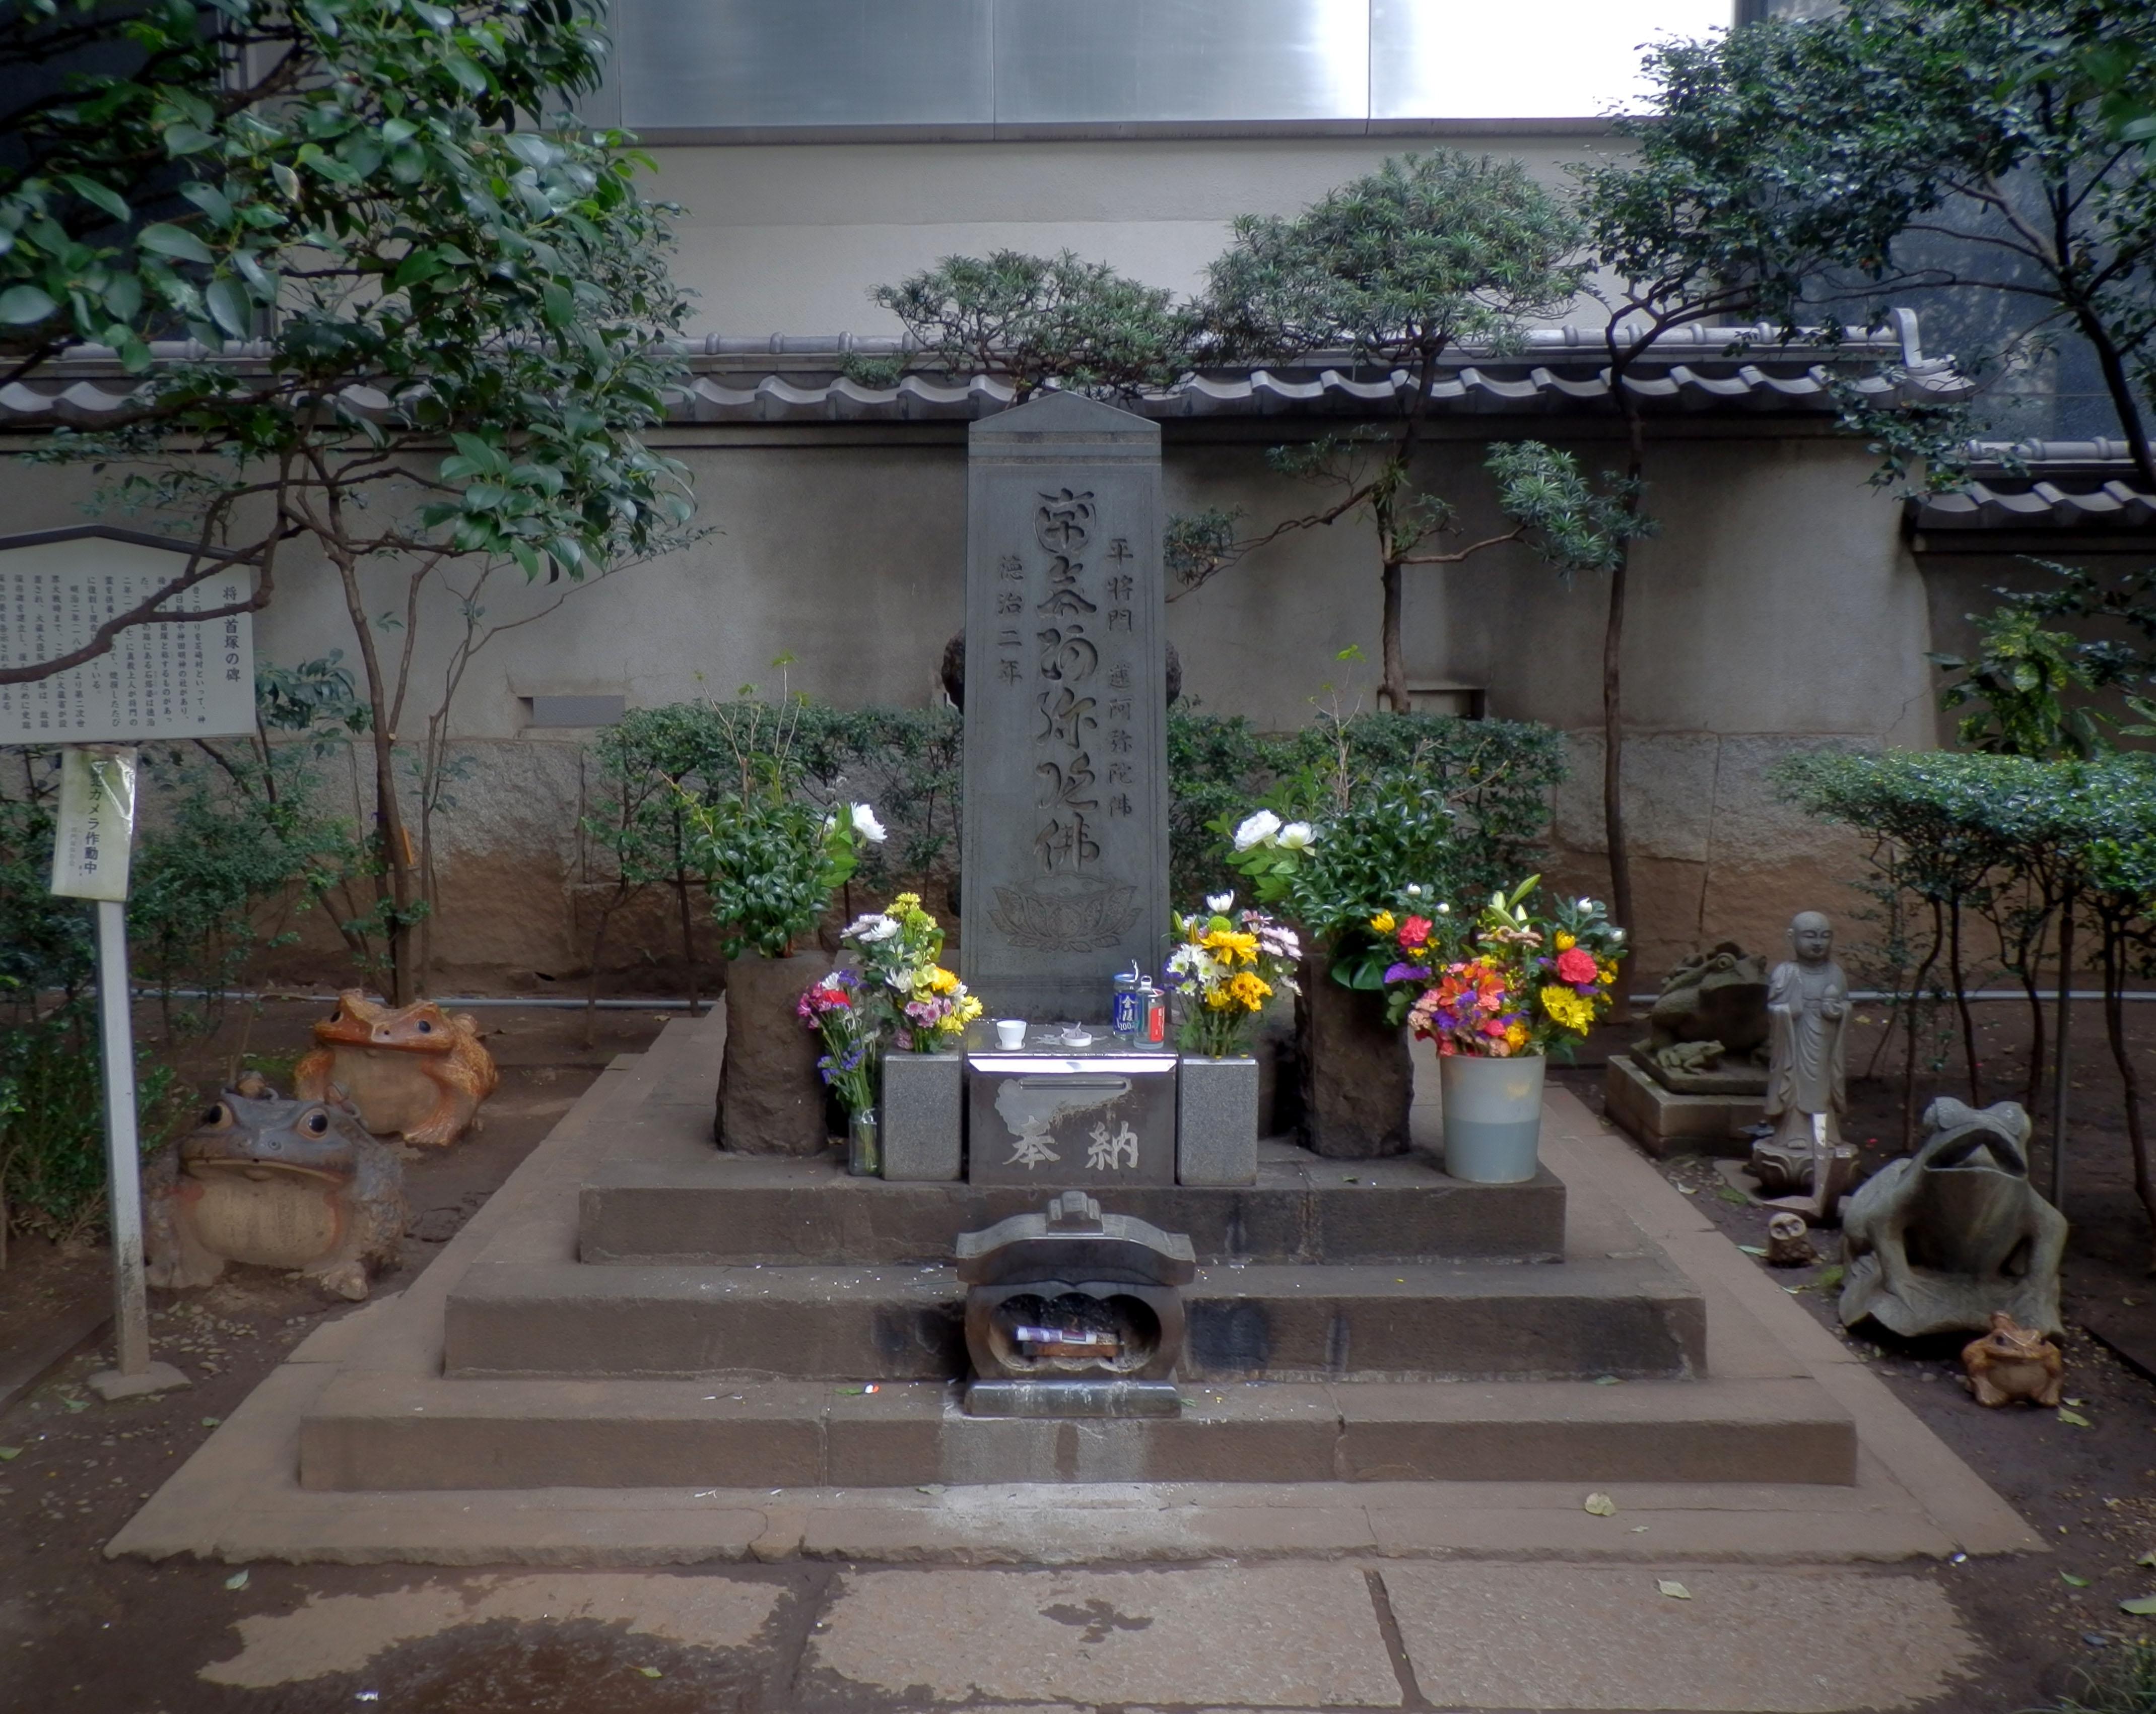 平将門を祀った神社は、江戸時代には関東最強の守護神として多くの参拝者が訪れていました。そして、戦後にもブームが訪れ、必勝祈願や合格祈願に多くの人が訪れています。ここでは、東京やその周辺にある平将門を祀った神社を紹介します。のサムネイル画像